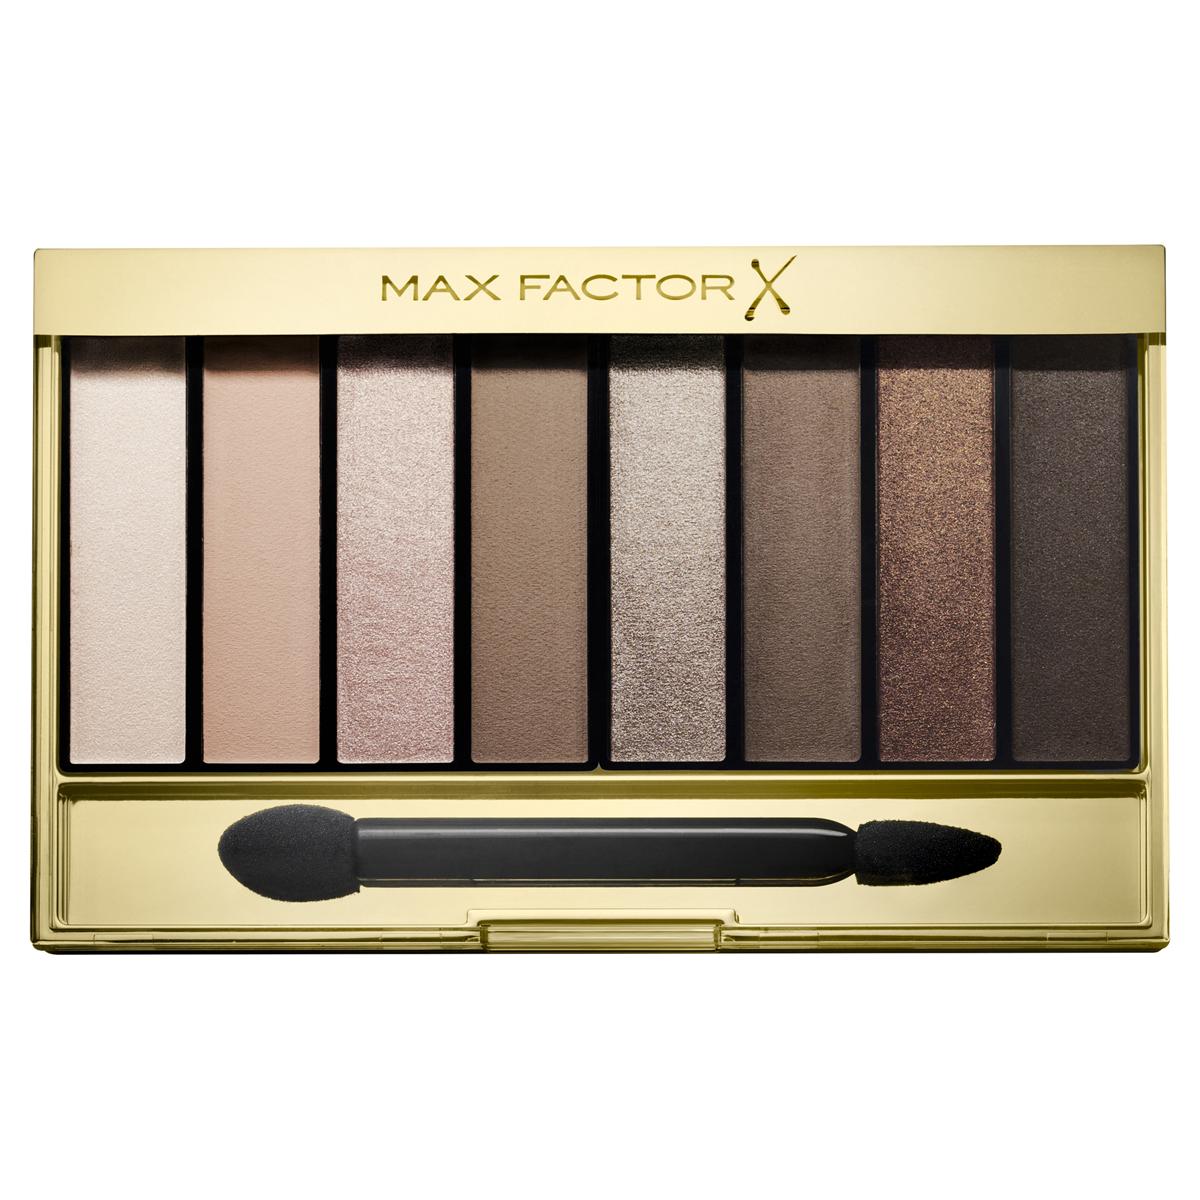 Max Factor Тени для век Masterpiece Nude Palette, Тон 01 cappuccinoFCA0010709-05Max Factor Masterpiece Nude Palette— это универсальная палитра теней для придания выразительности глазам. Благодаря восьми идеально подобранным оттенкам ты можешь создать гламурный макияж глаз в стиле «нюд». Идеально подобранные оттенки теней, от приглушенных до насыщенных, позволяют подчеркнуть выразительность глаз, создавая множество образов— от повседневных нюдовых до соблазнительных смоки. Формула: Запеченные тени отдают больше пигмента для более яркого, насыщенного цвета. Тени из палетки легко накладываются и имеют бархатистую текстуру. Они делятся на матовые, шиммерные и блестящие. Выбери из трех палеток ту, которая подходит твоему тону кожи. Найди палитру, которая идеально подходит для твоего тона кожи: Cappuccino Nudes для теплых тонов кожи; Rose Nudes для холодных тонов кожи; Golden Nudes для темных тонов кожи.